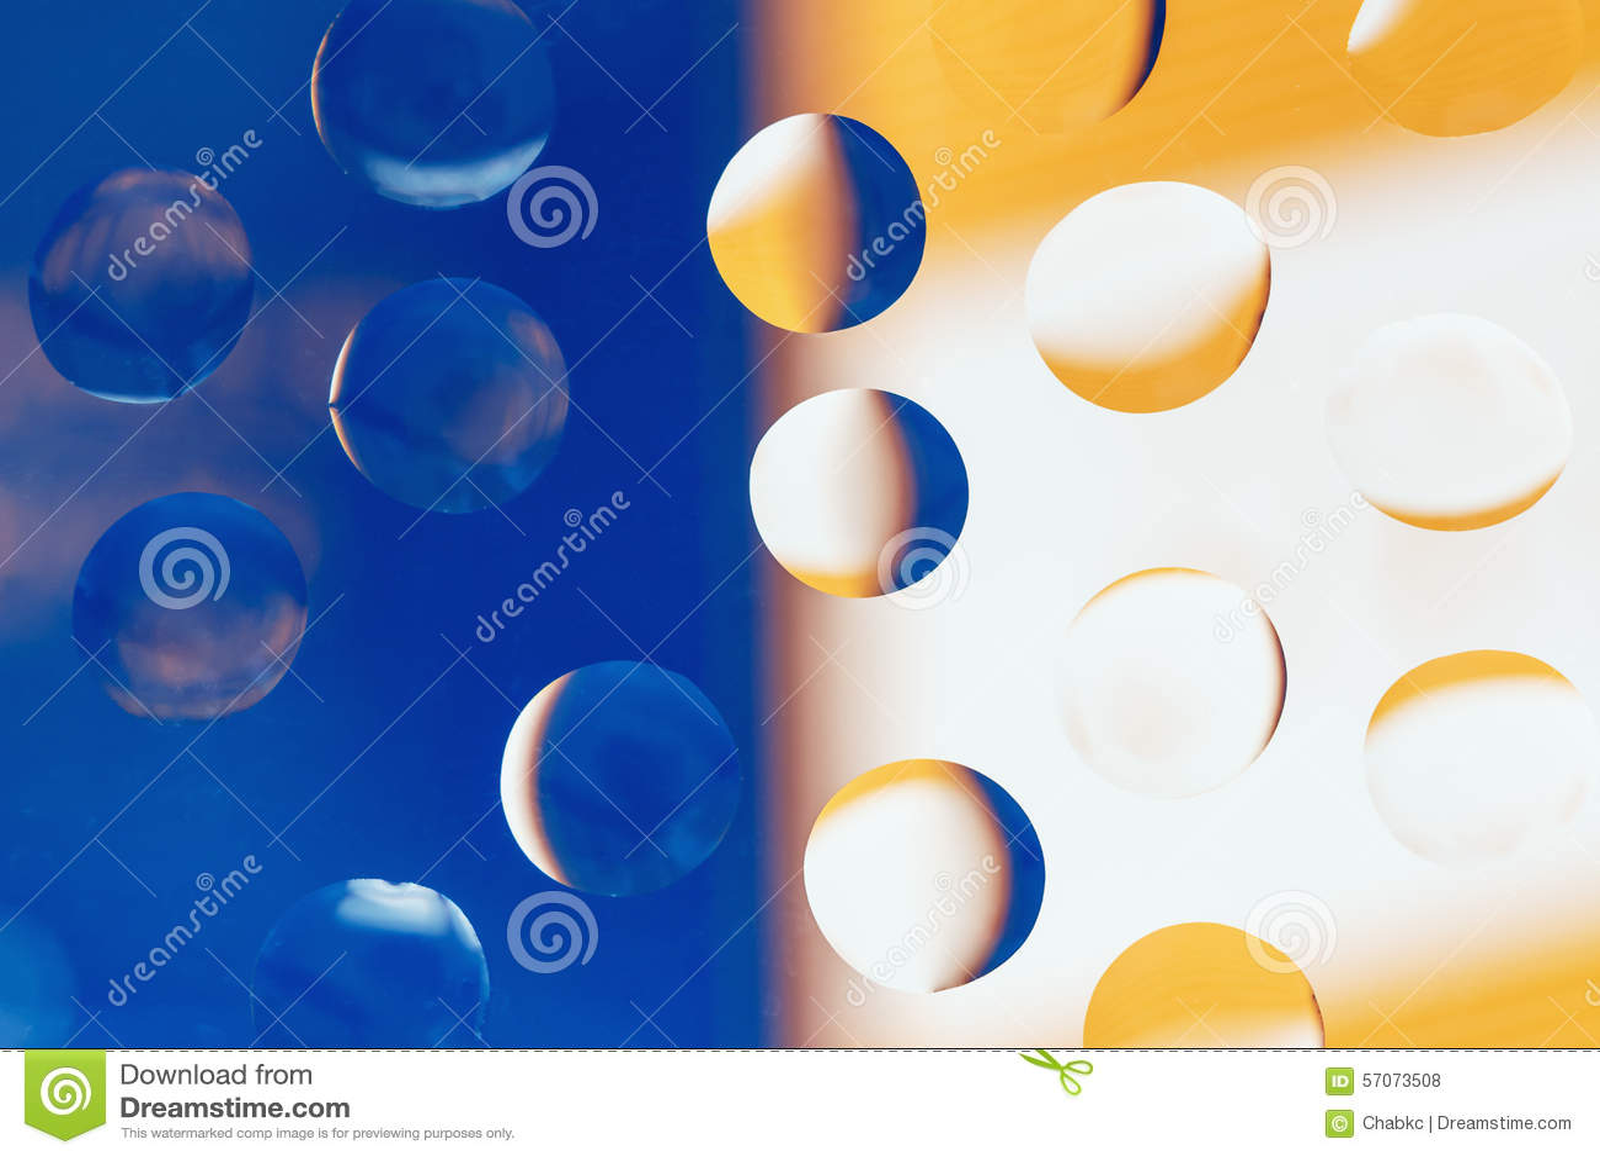 De waterdruppeltjes kleuren twee